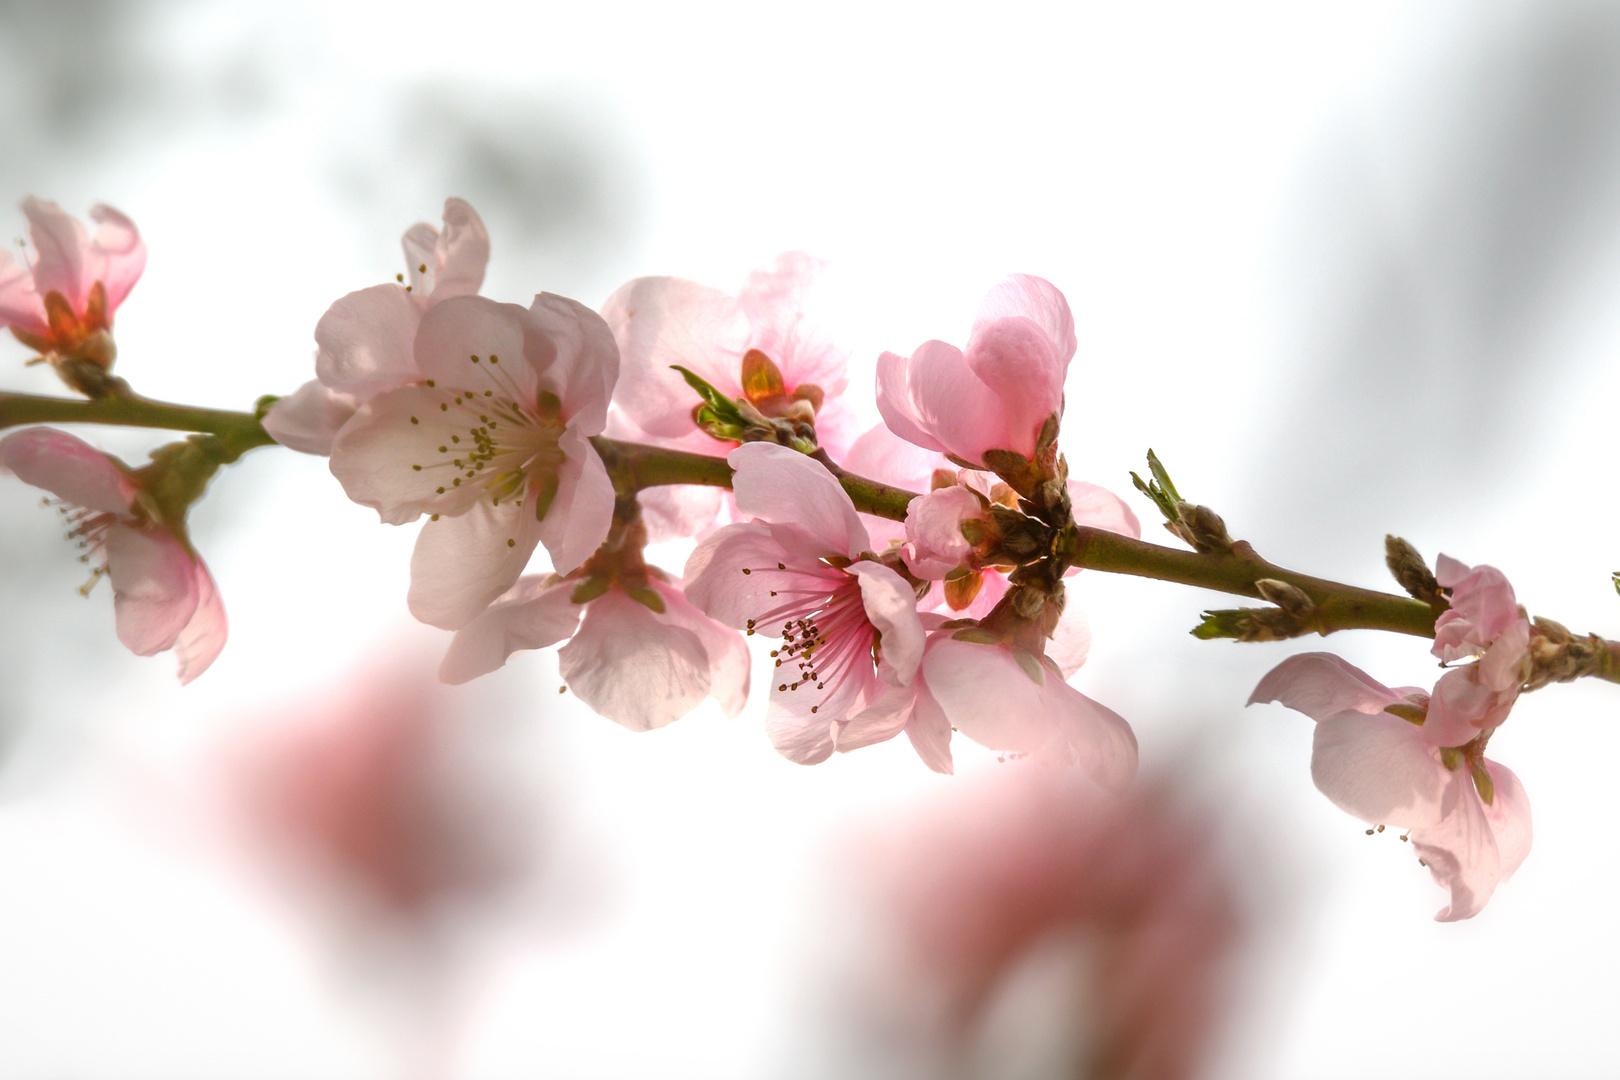 Negtarinenblüte